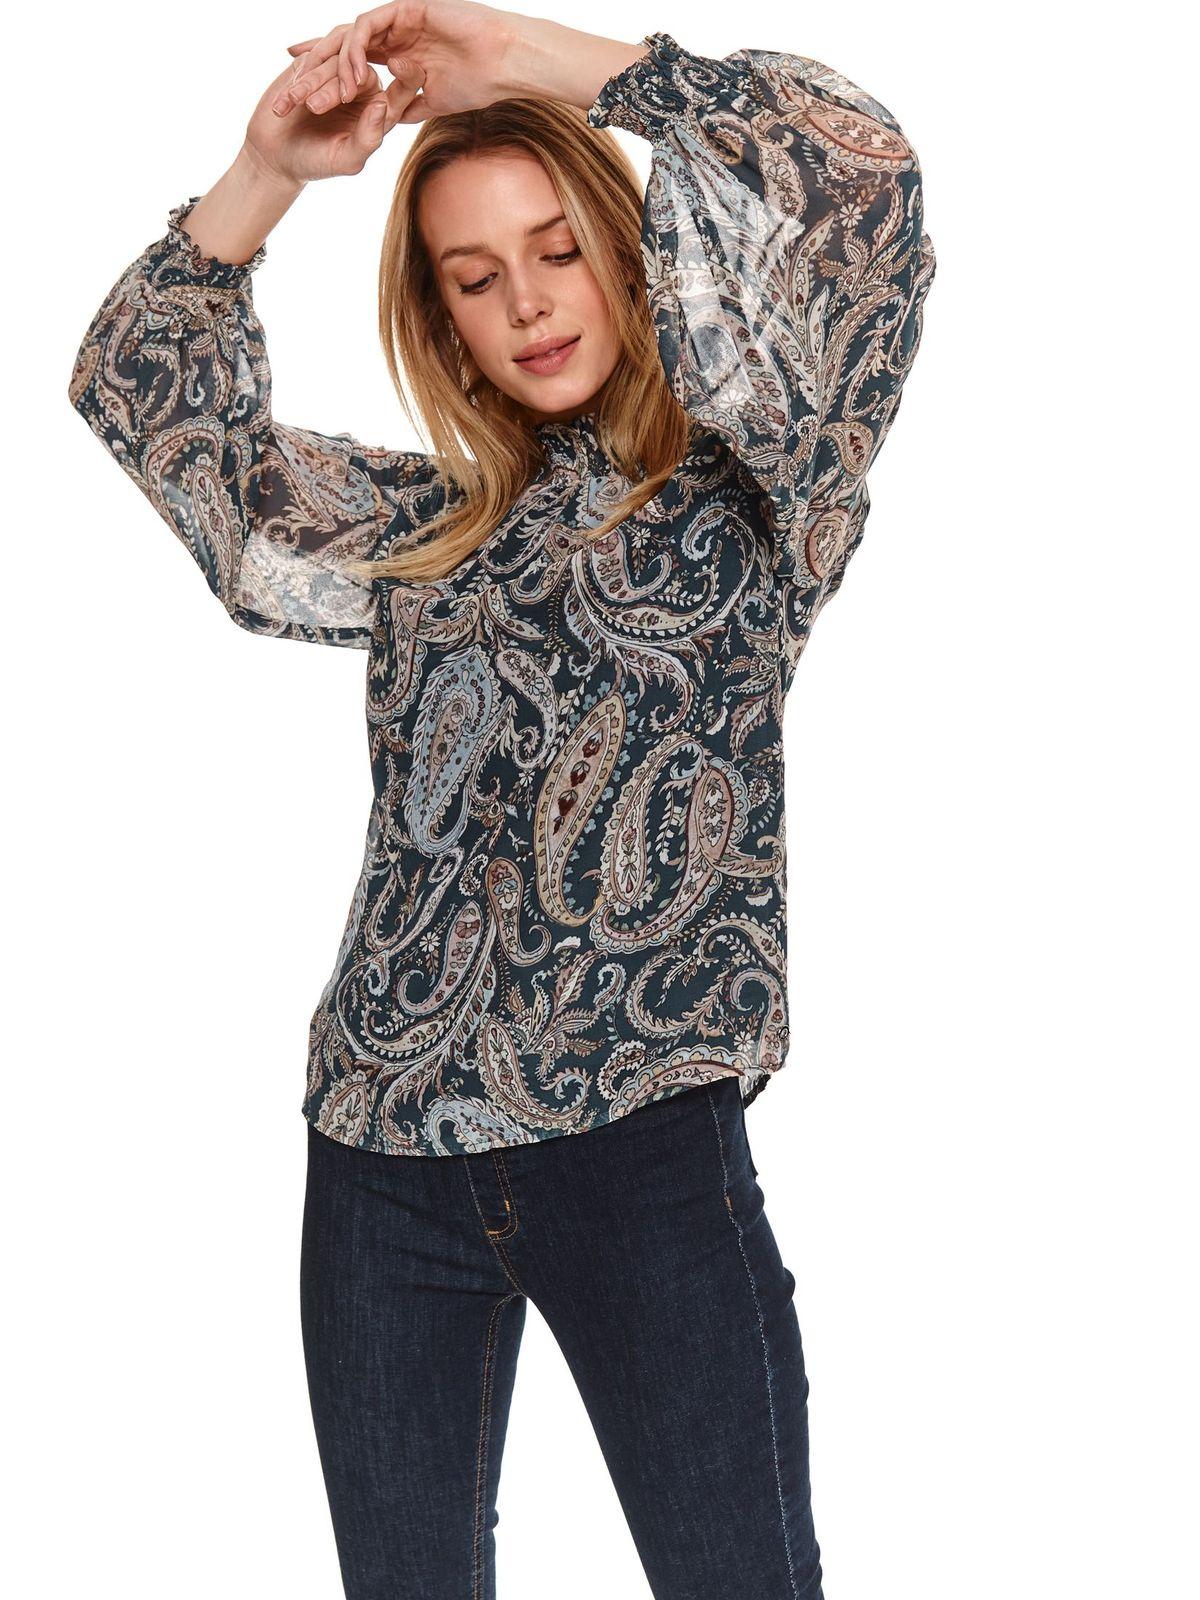 Bluza dama Top Secret casual cu croi larg pe gat cu maneci largi transparente prinse in elastic